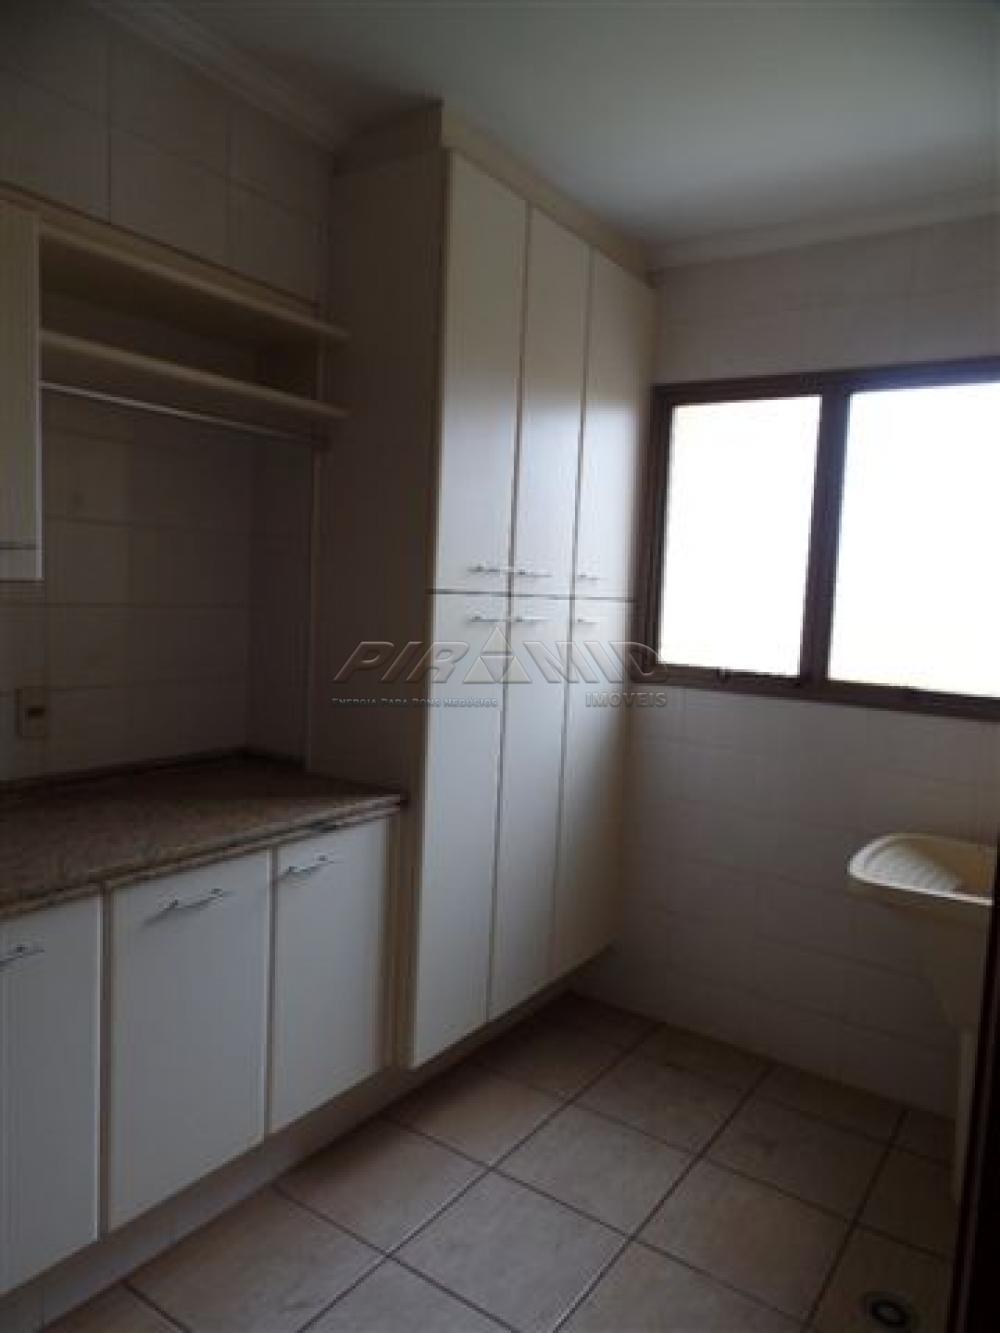 Comprar Apartamento / Padrão em Ribeirão Preto apenas R$ 620.000,00 - Foto 4